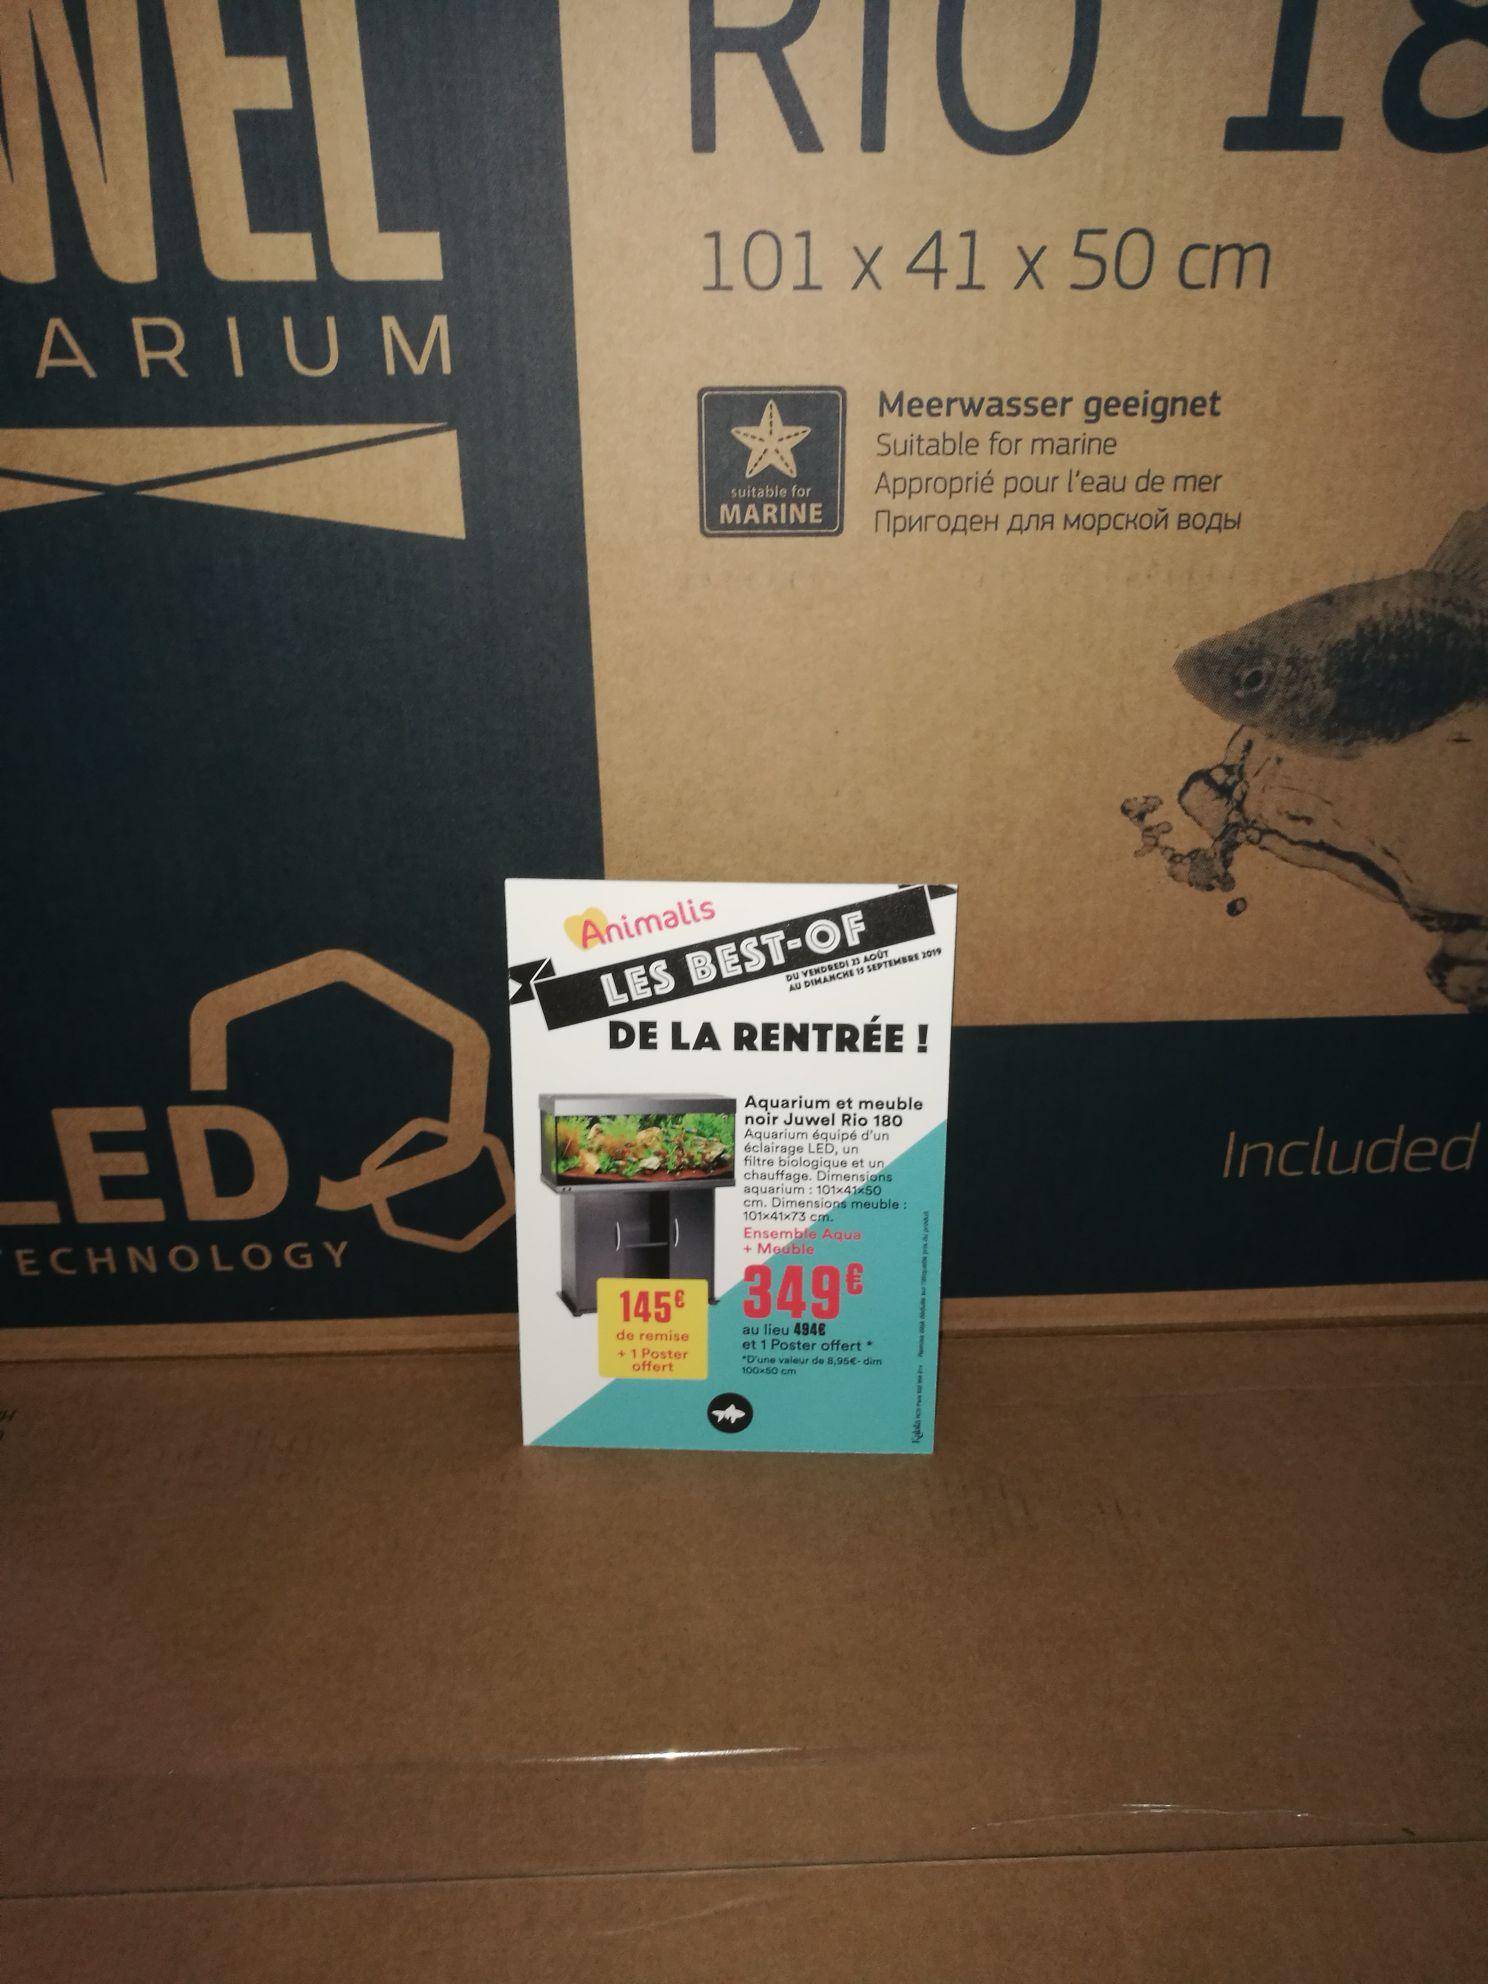 Aquarium et meuble Juwel Rio 180 - avec chauffage, éclairage LED et filtre biologique (101x41x50 cm, noir) + poster - Animalis Orgeval (78)